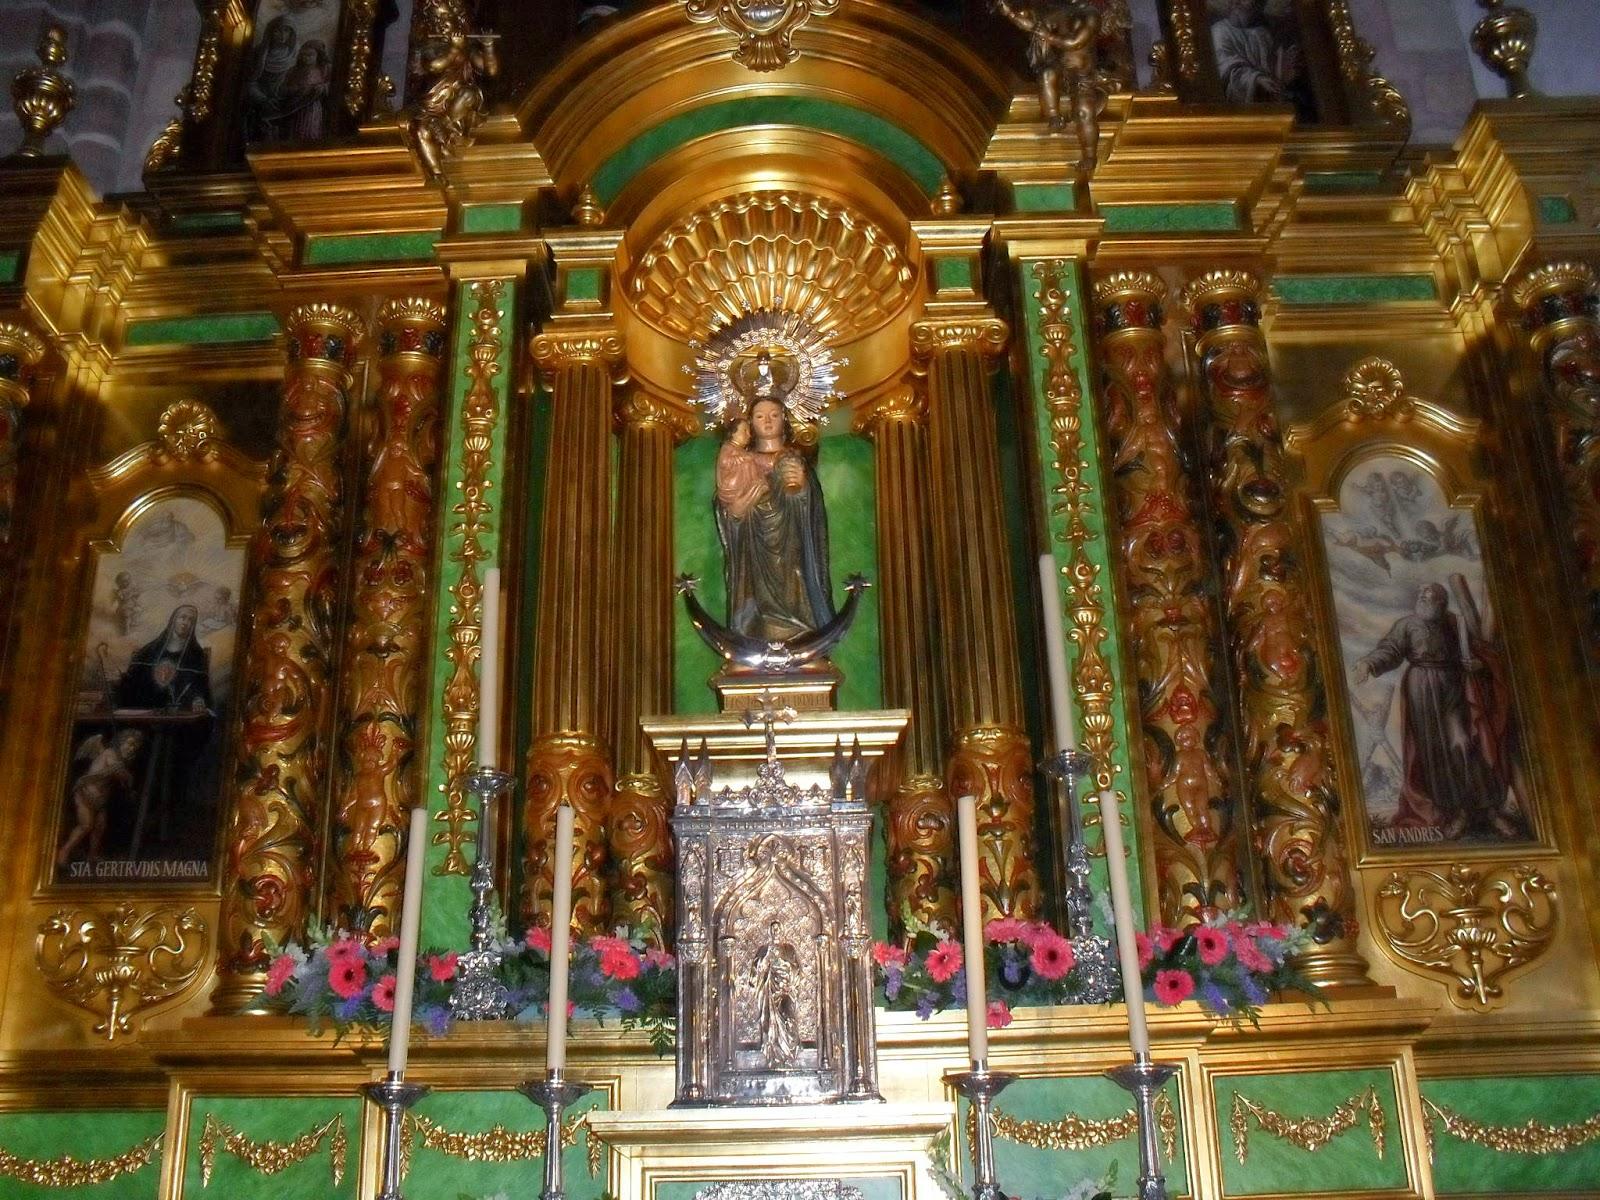 Nuestra Señora de Zocueca, una Virgen de Castilla en Andalucía, España (20 jul, 5 ago, últ dgo sep)